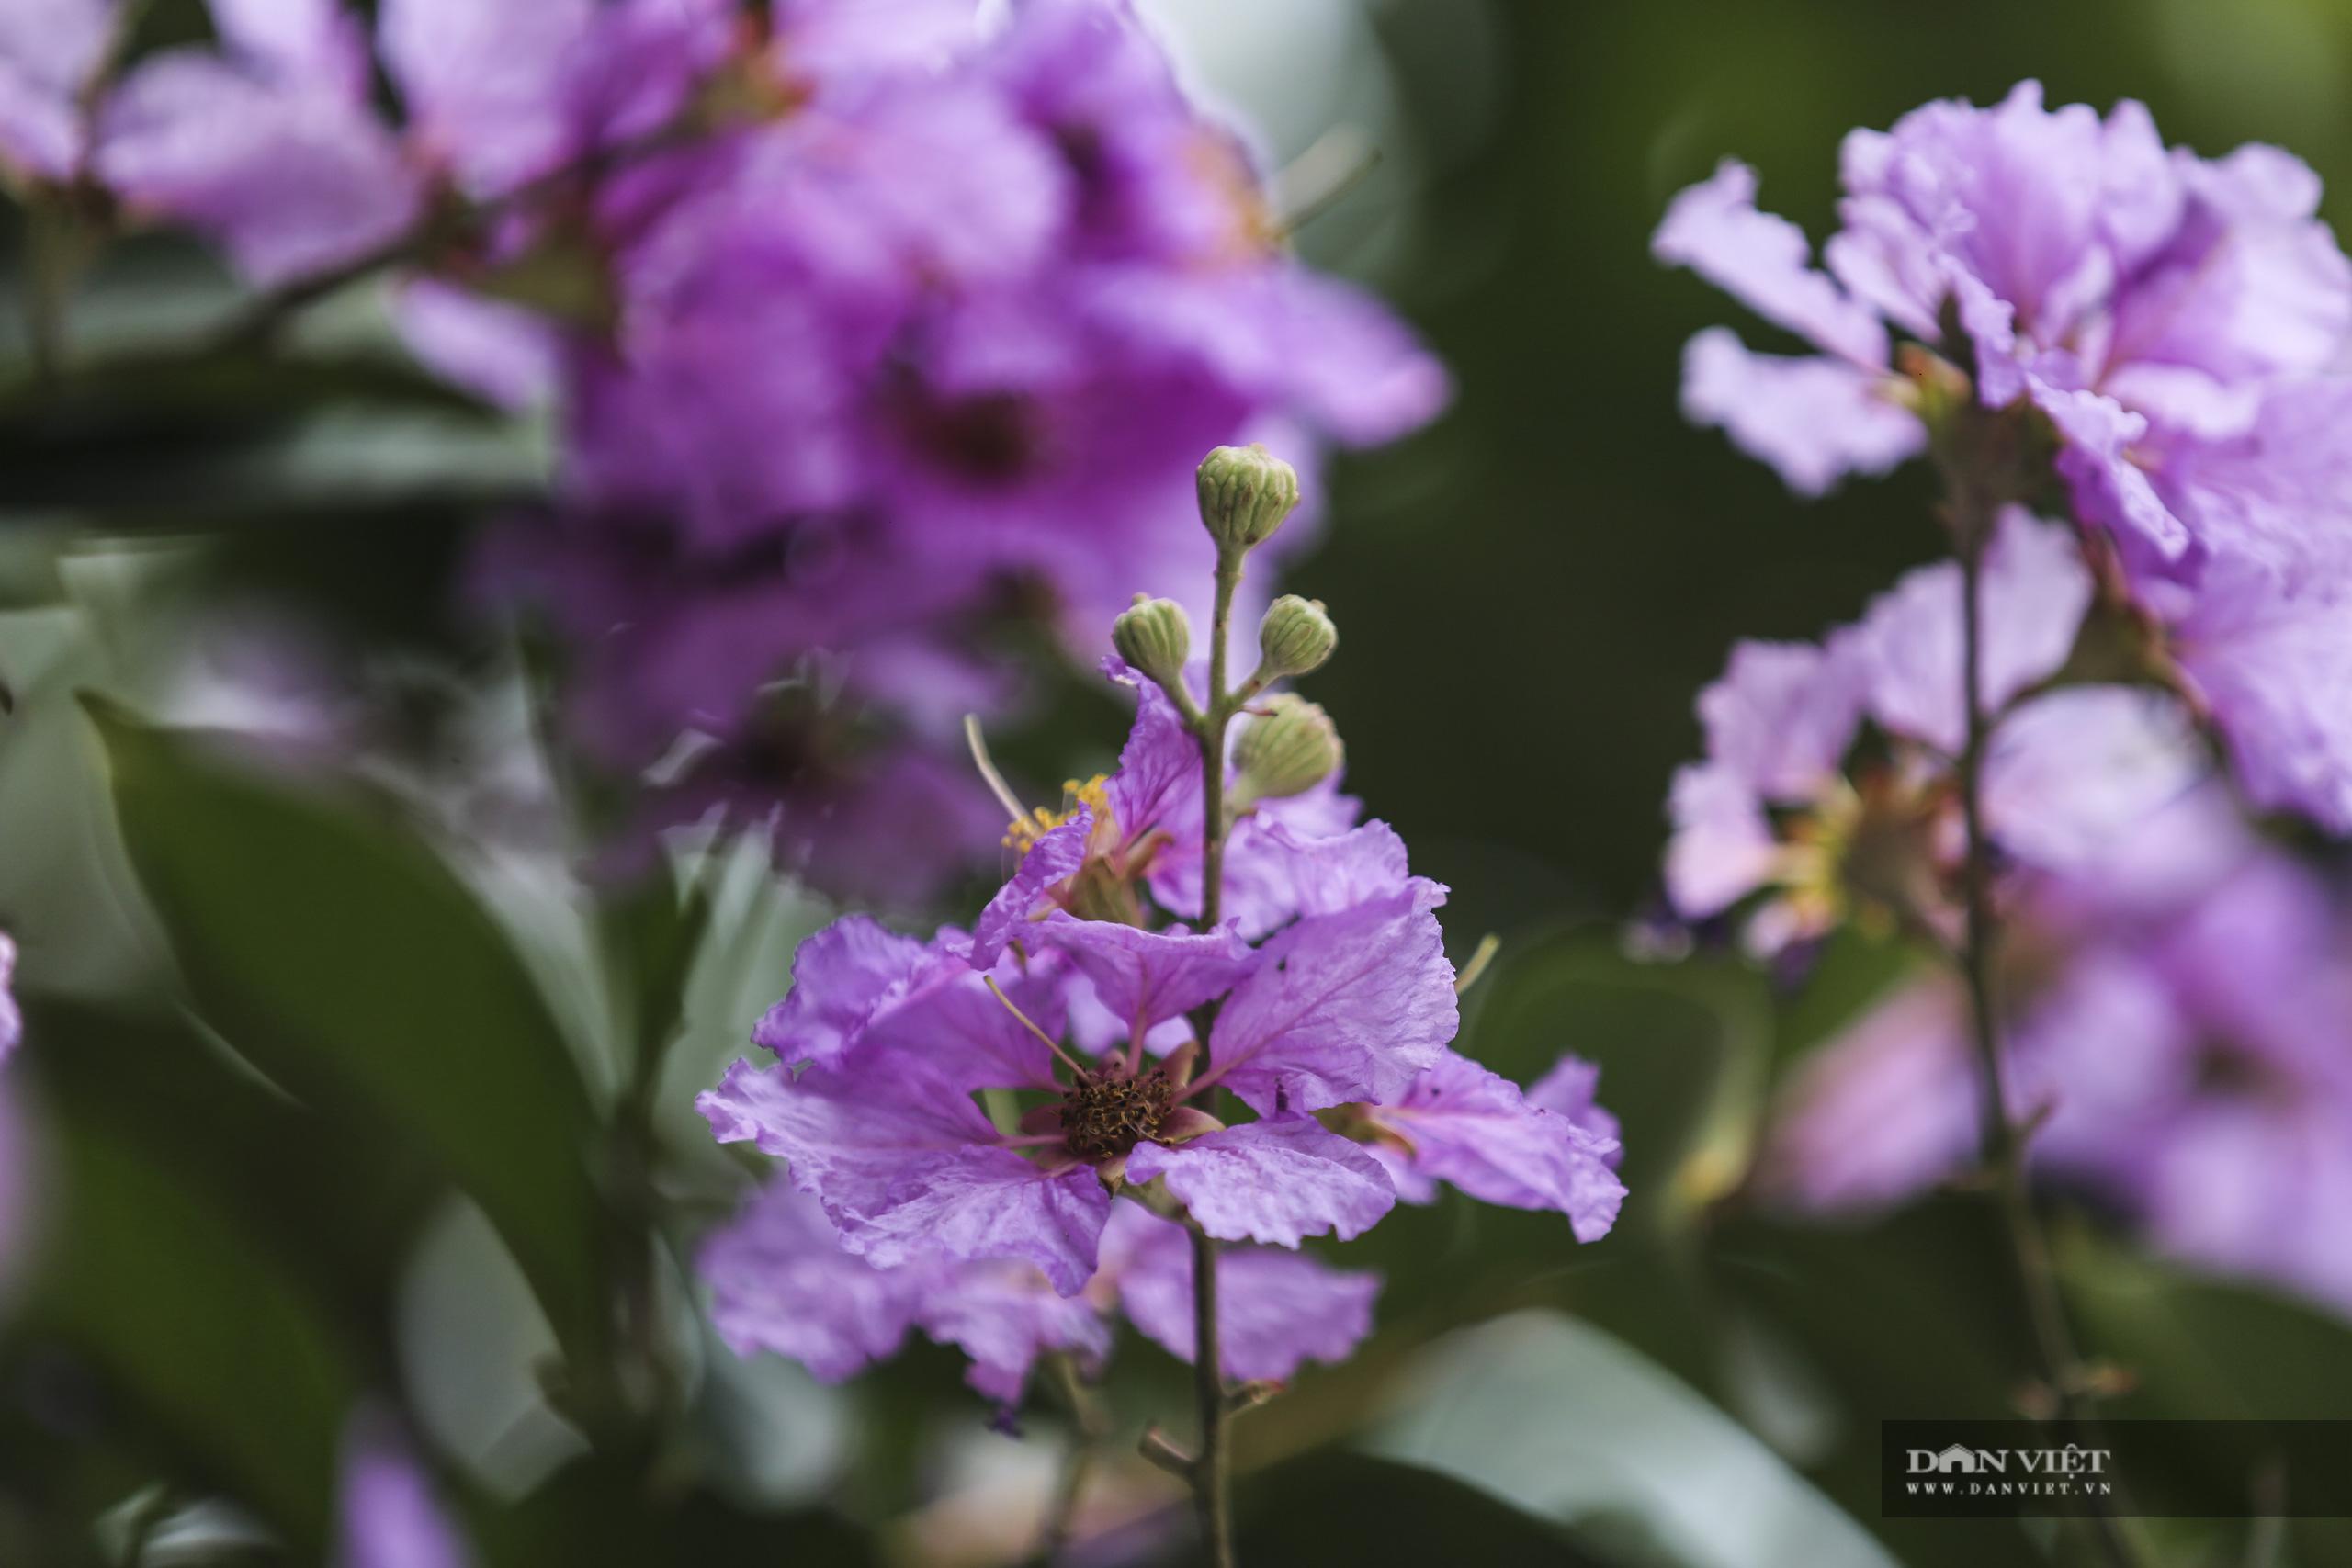 Hoa bằng lăng: loài hoa biểu tượng của sự thủy chung nở rộ khắp đường phố Hà Nội - Ảnh 4.